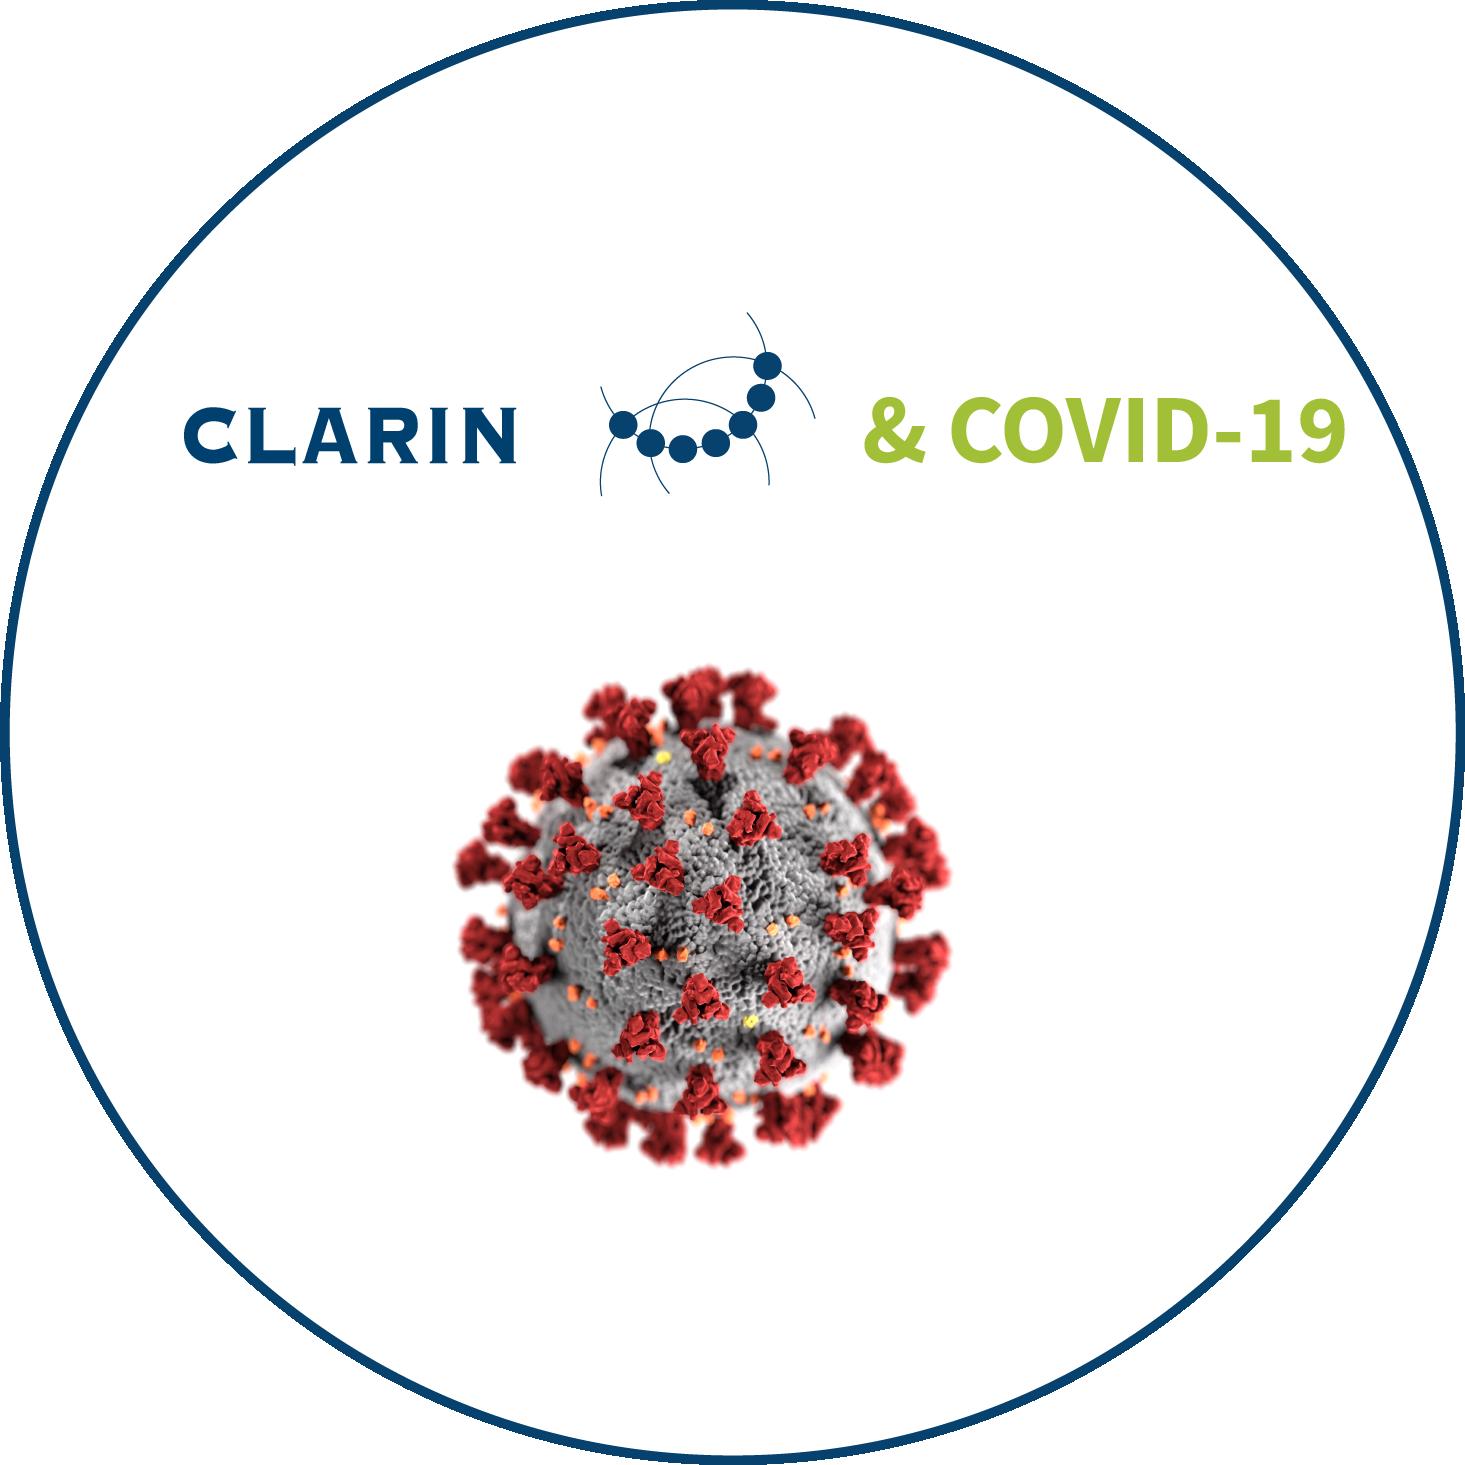 CLARIN & COVID-19